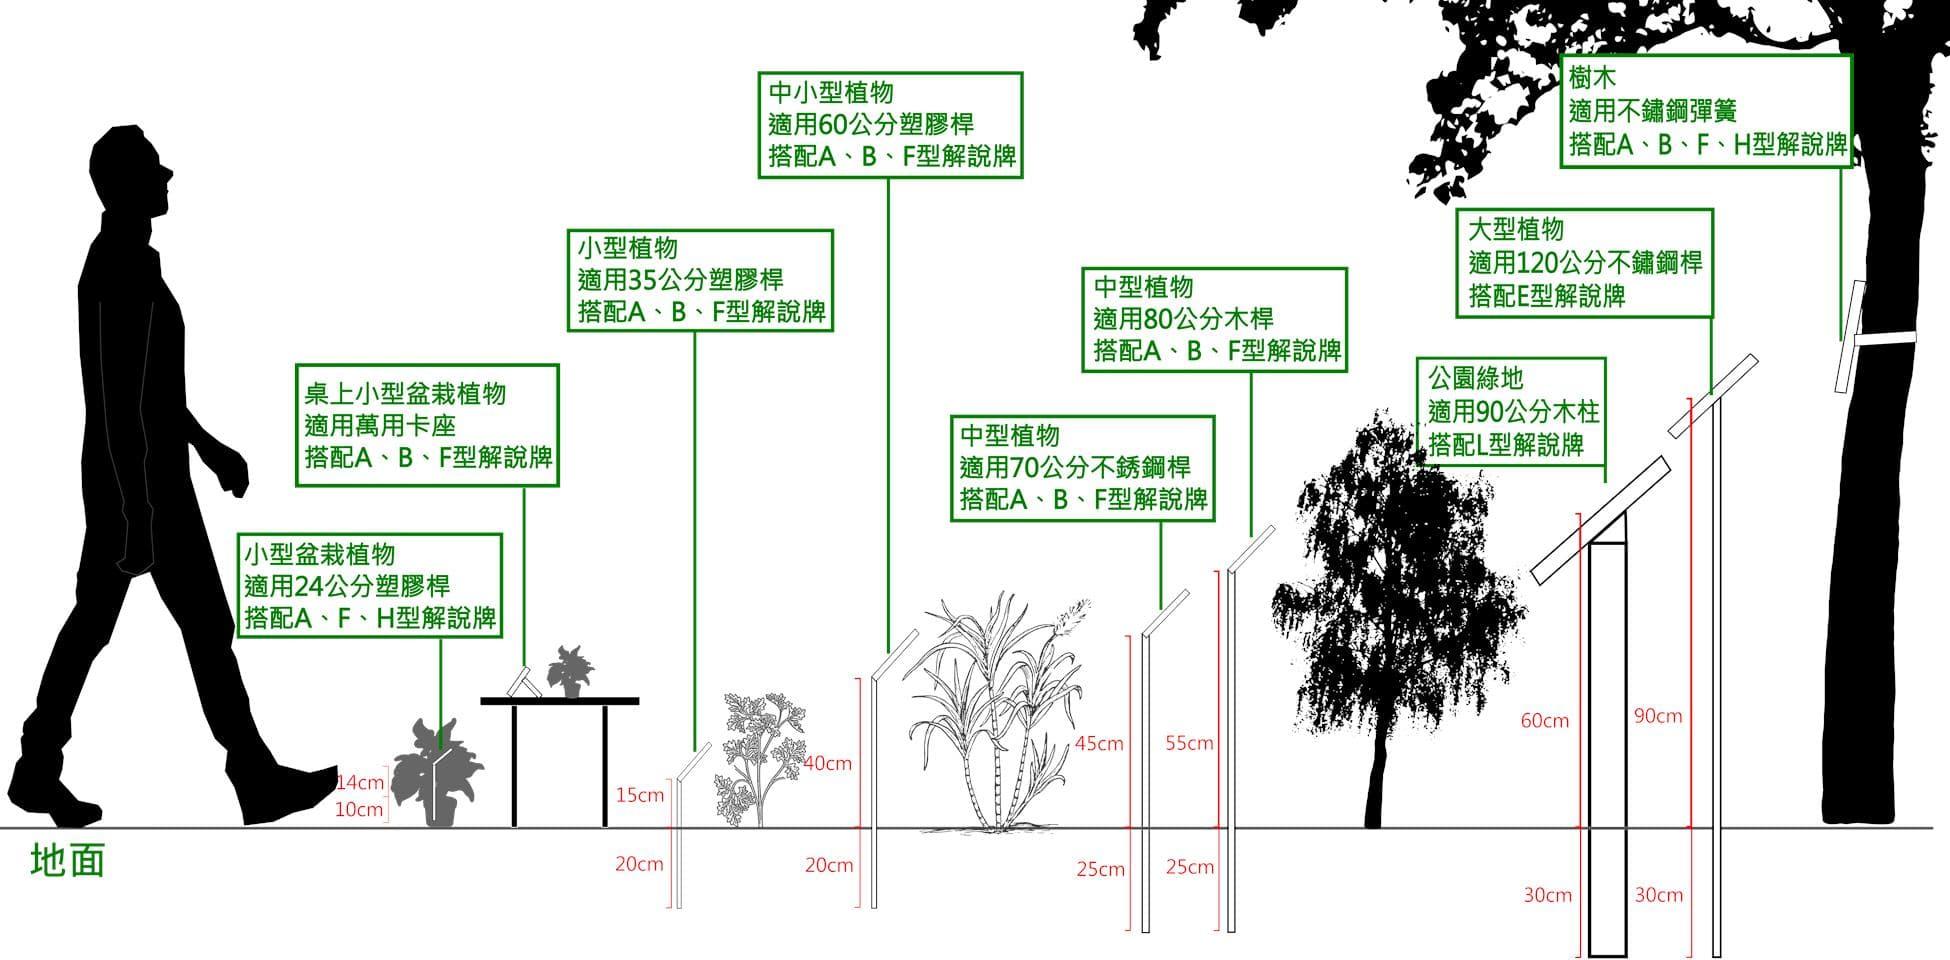 植物解說牌與版面附件配置建議圖